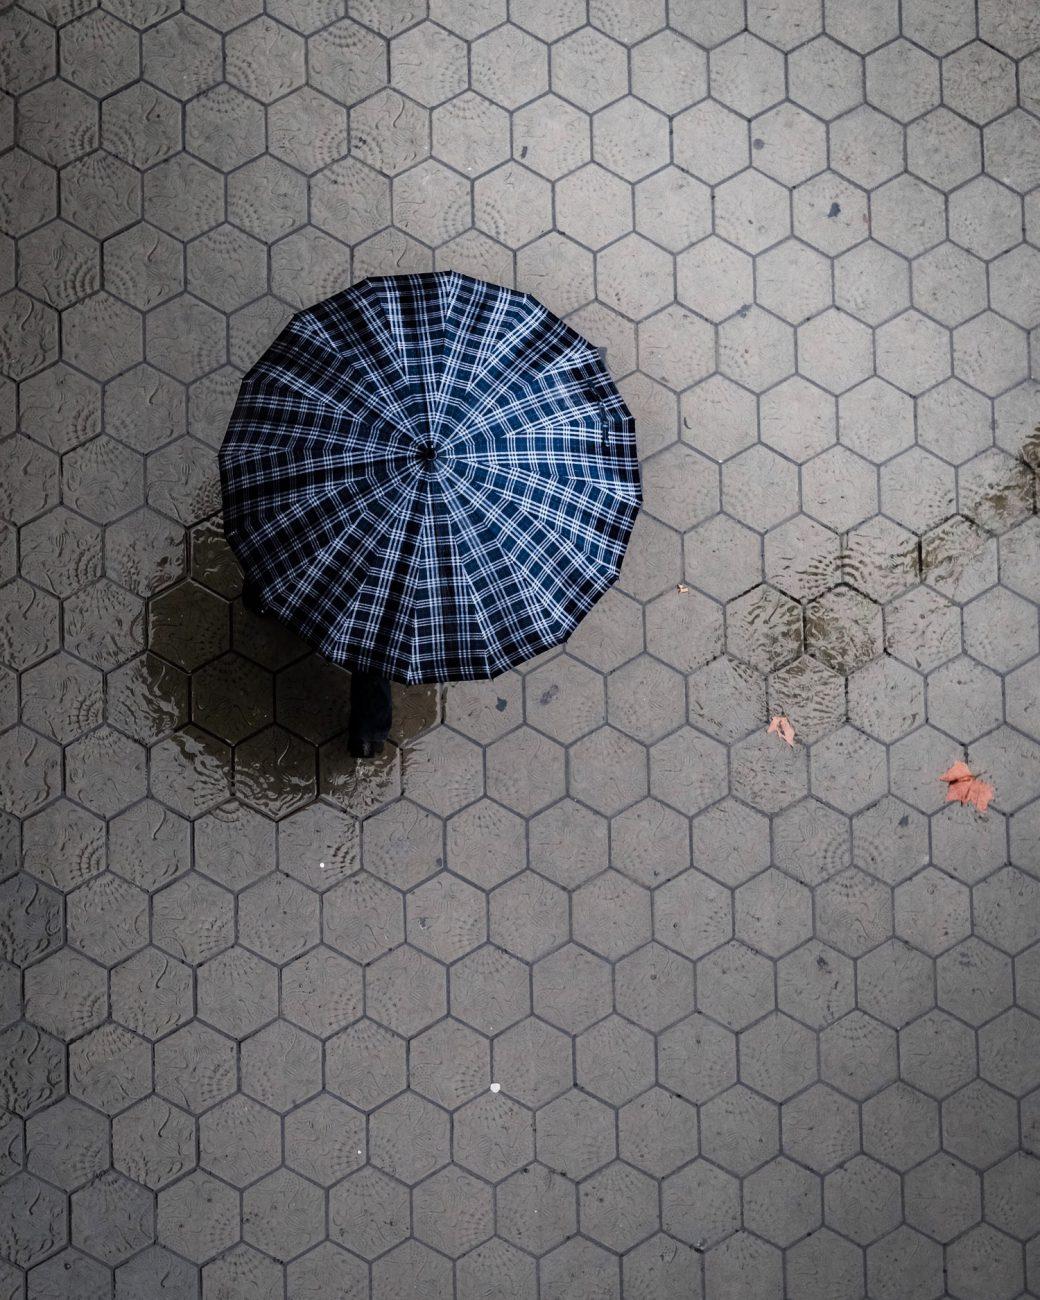 Mit Regenschirm unterwegs